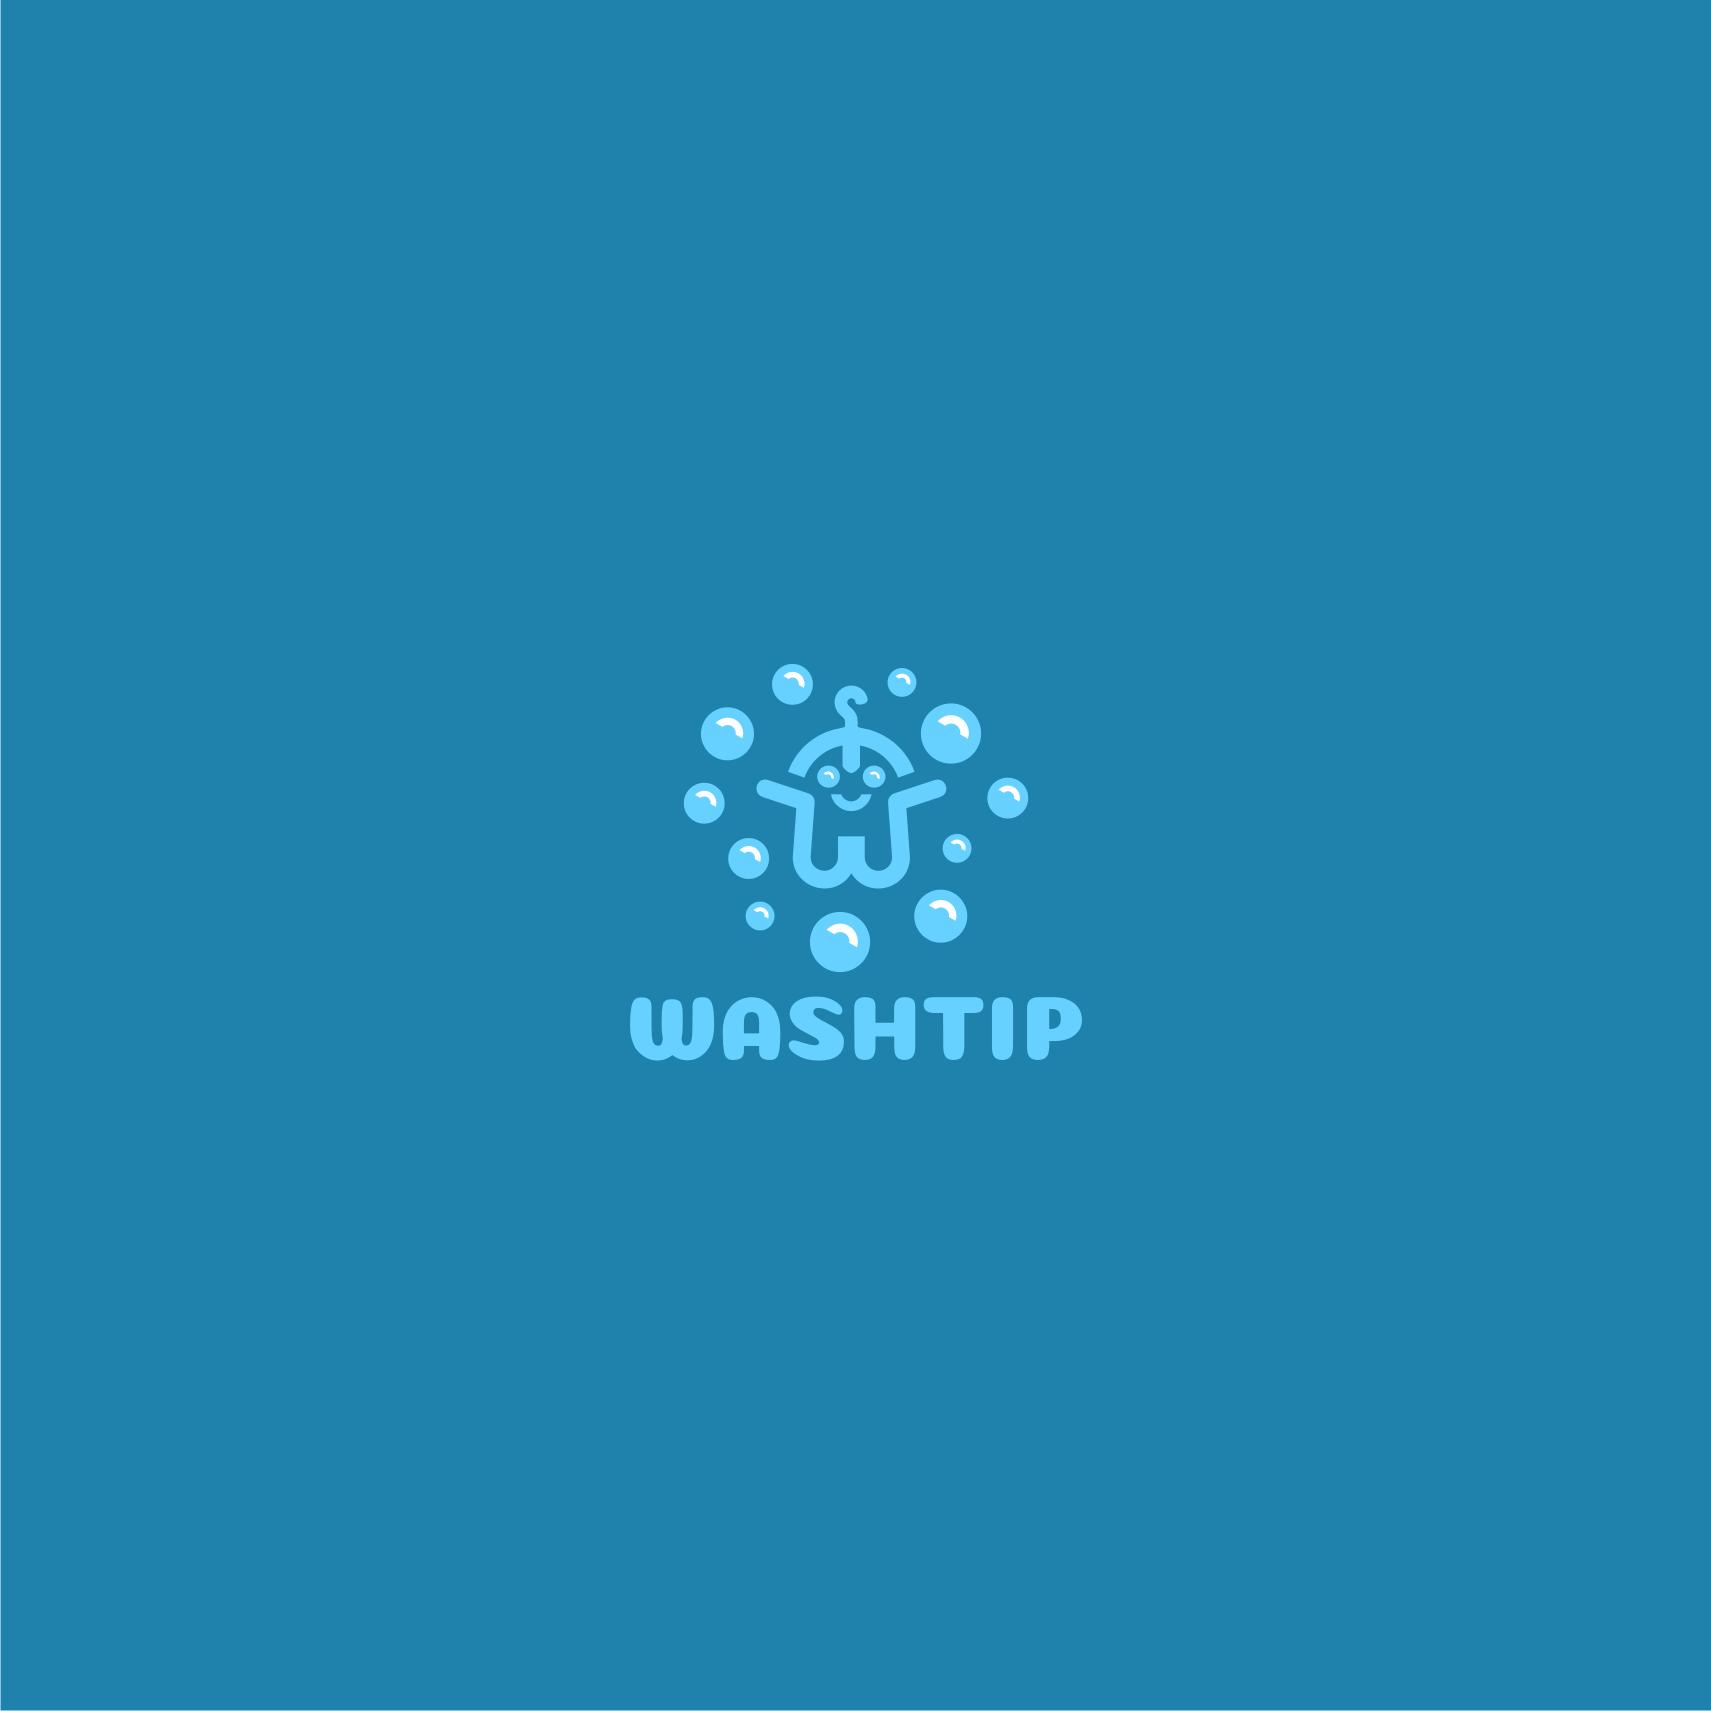 Разработка логотипа для онлайн-сервиса химчистки фото f_0965c0a8e0cc134c.png